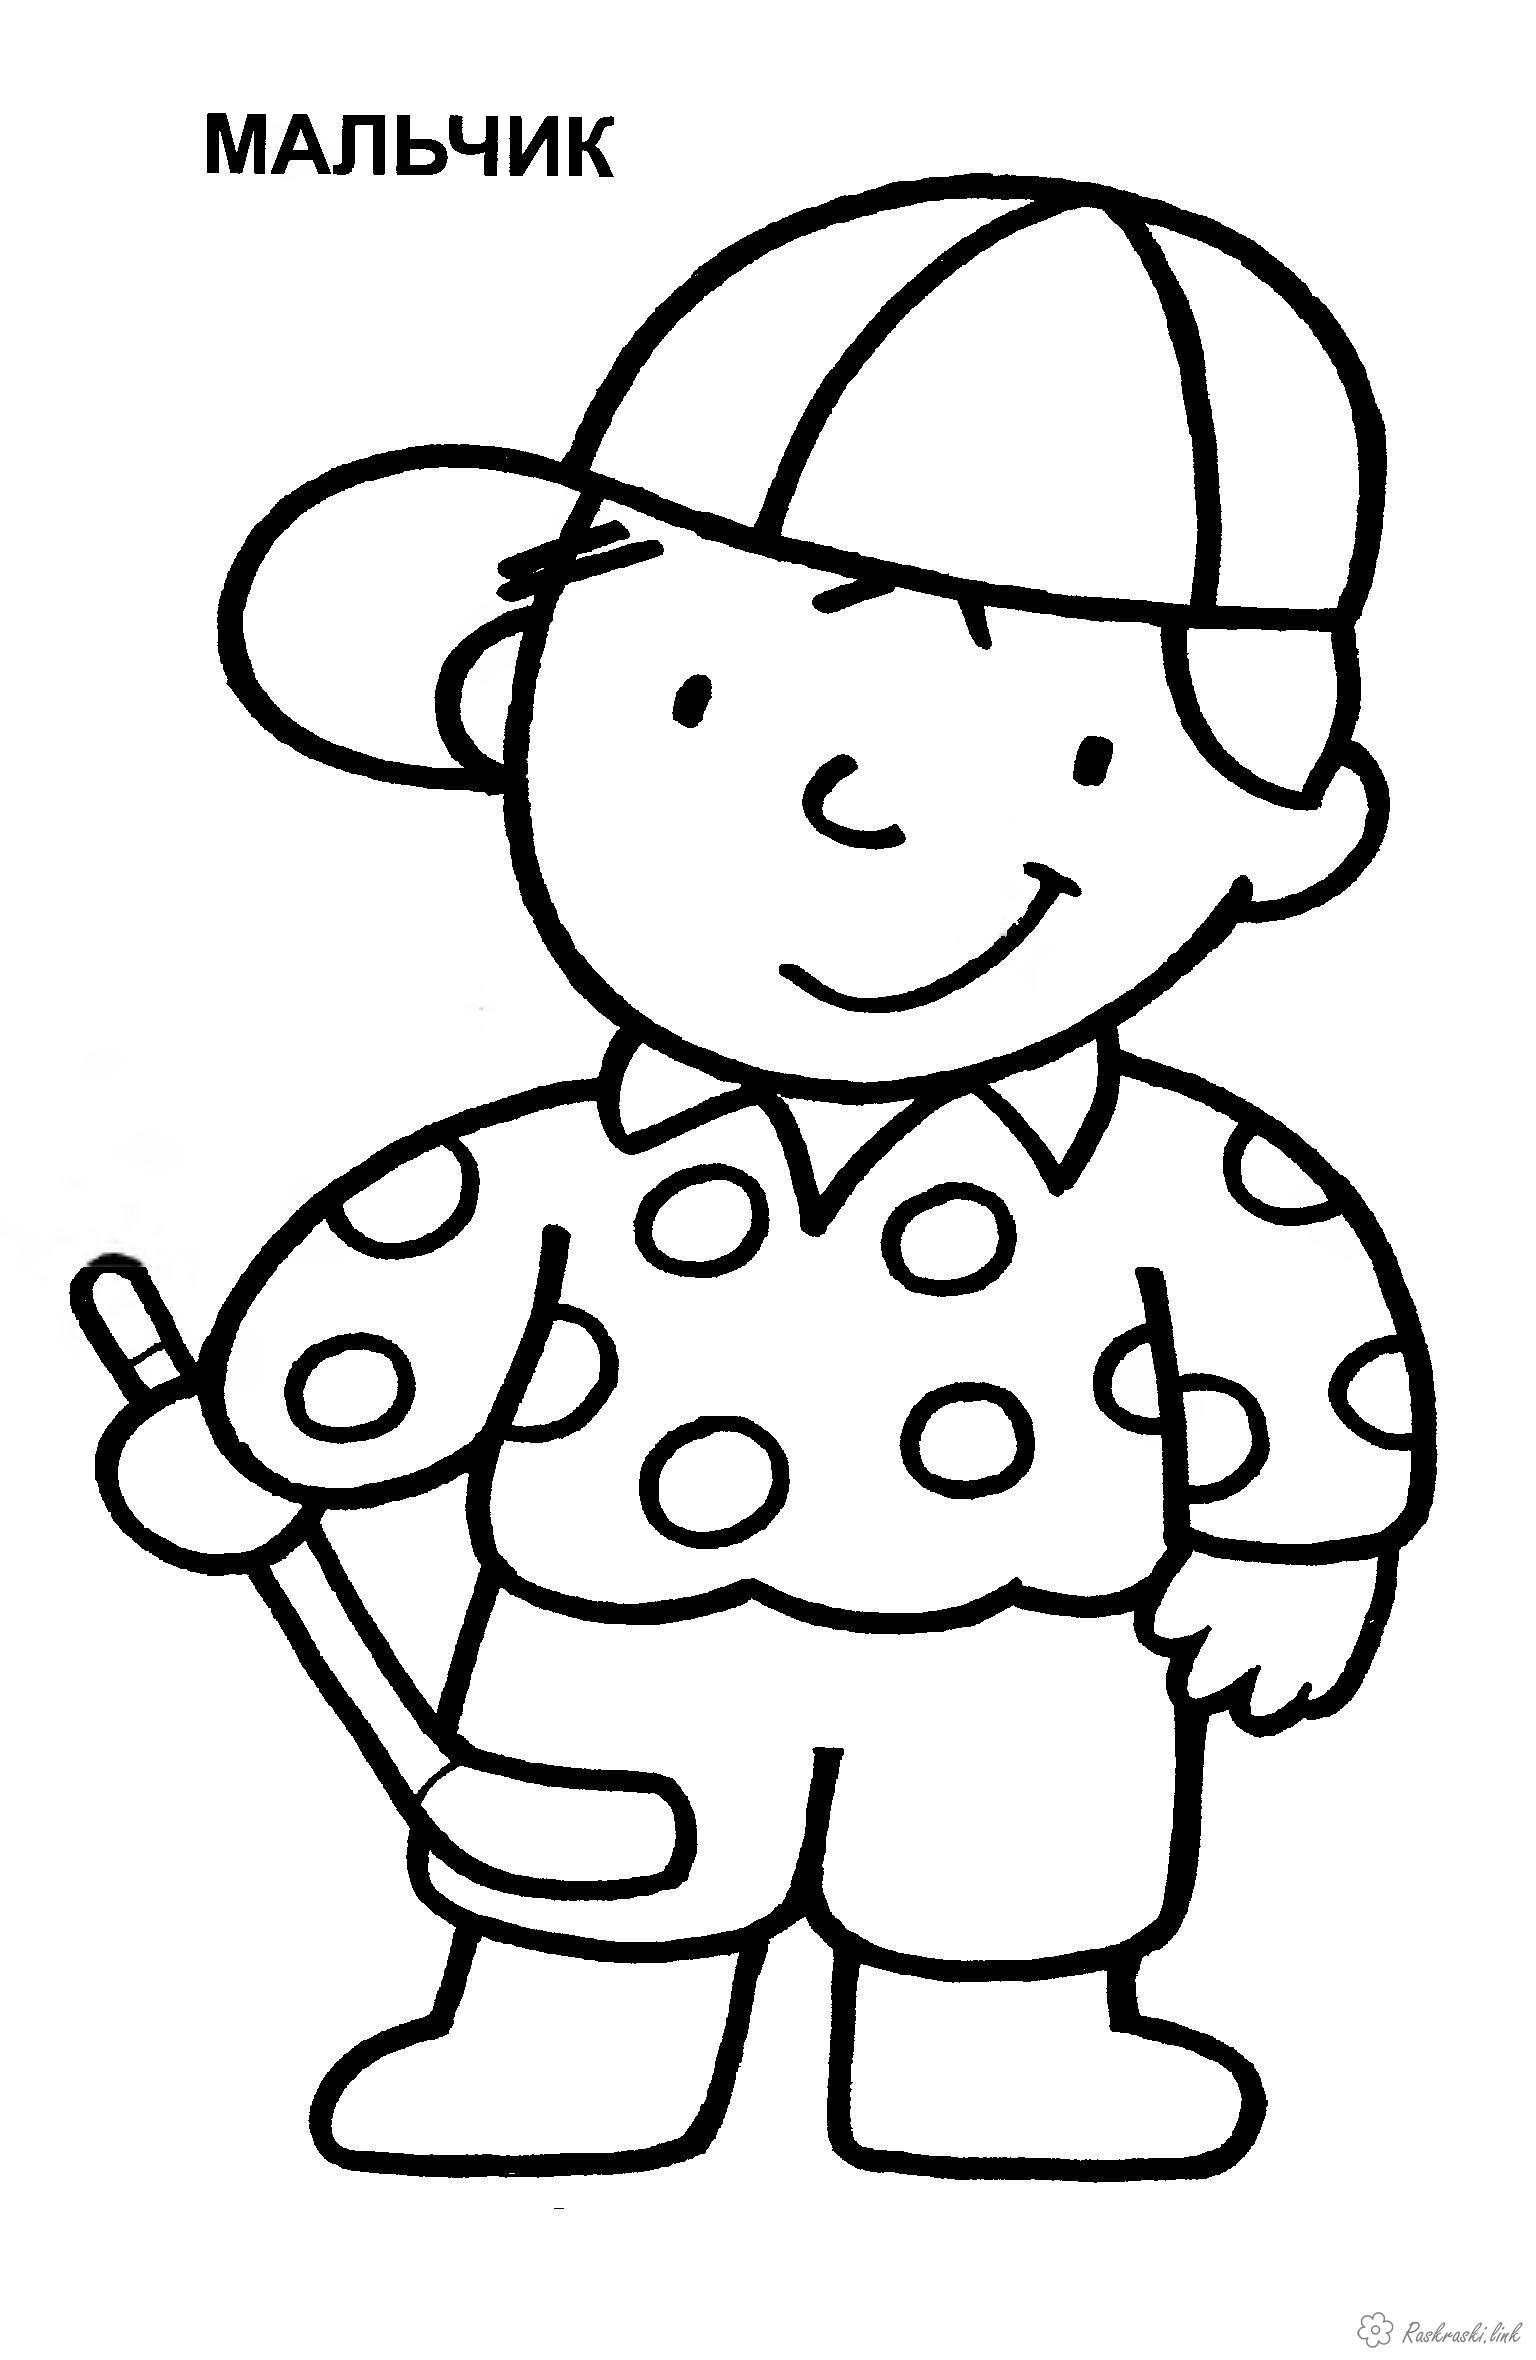 Раскраски детские с людьми. Раскраски для детей с мальчиками.  Скачать бесплатные раскраски для детей. Раскраски детские с людьми. Раскраски для детей с мальчиками. Раскраски для детей скачать. Бесплатные детские раскраски человек.